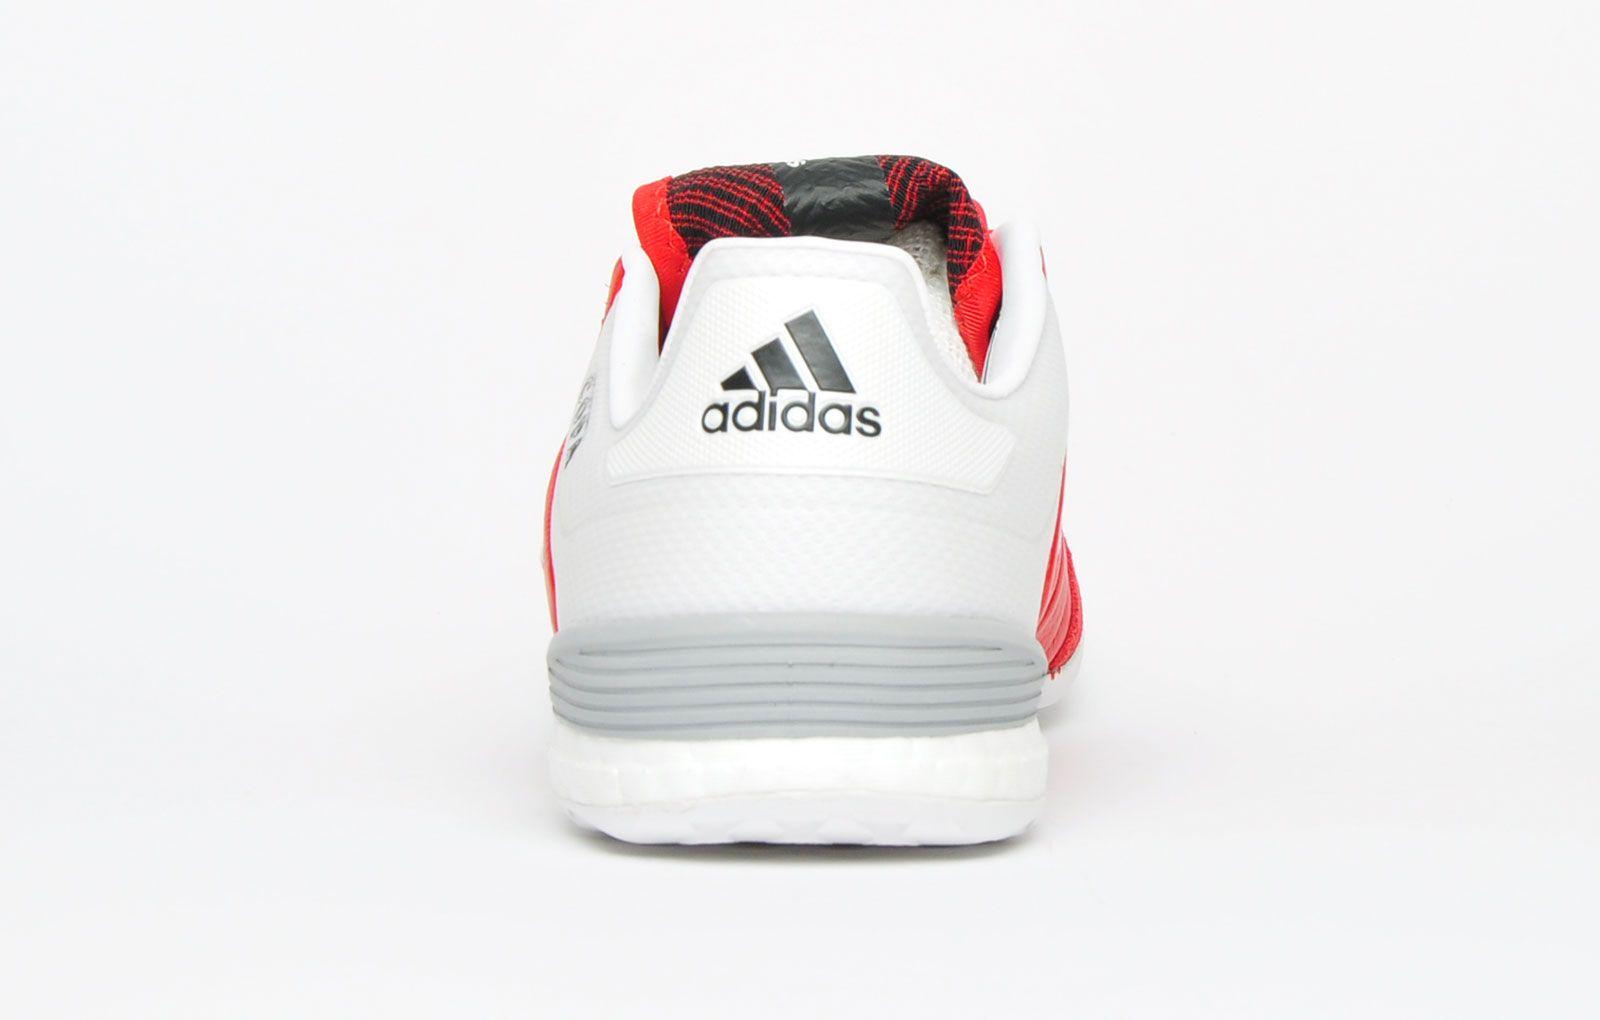 Adidas Copa Tango 17.1 Boost Mens